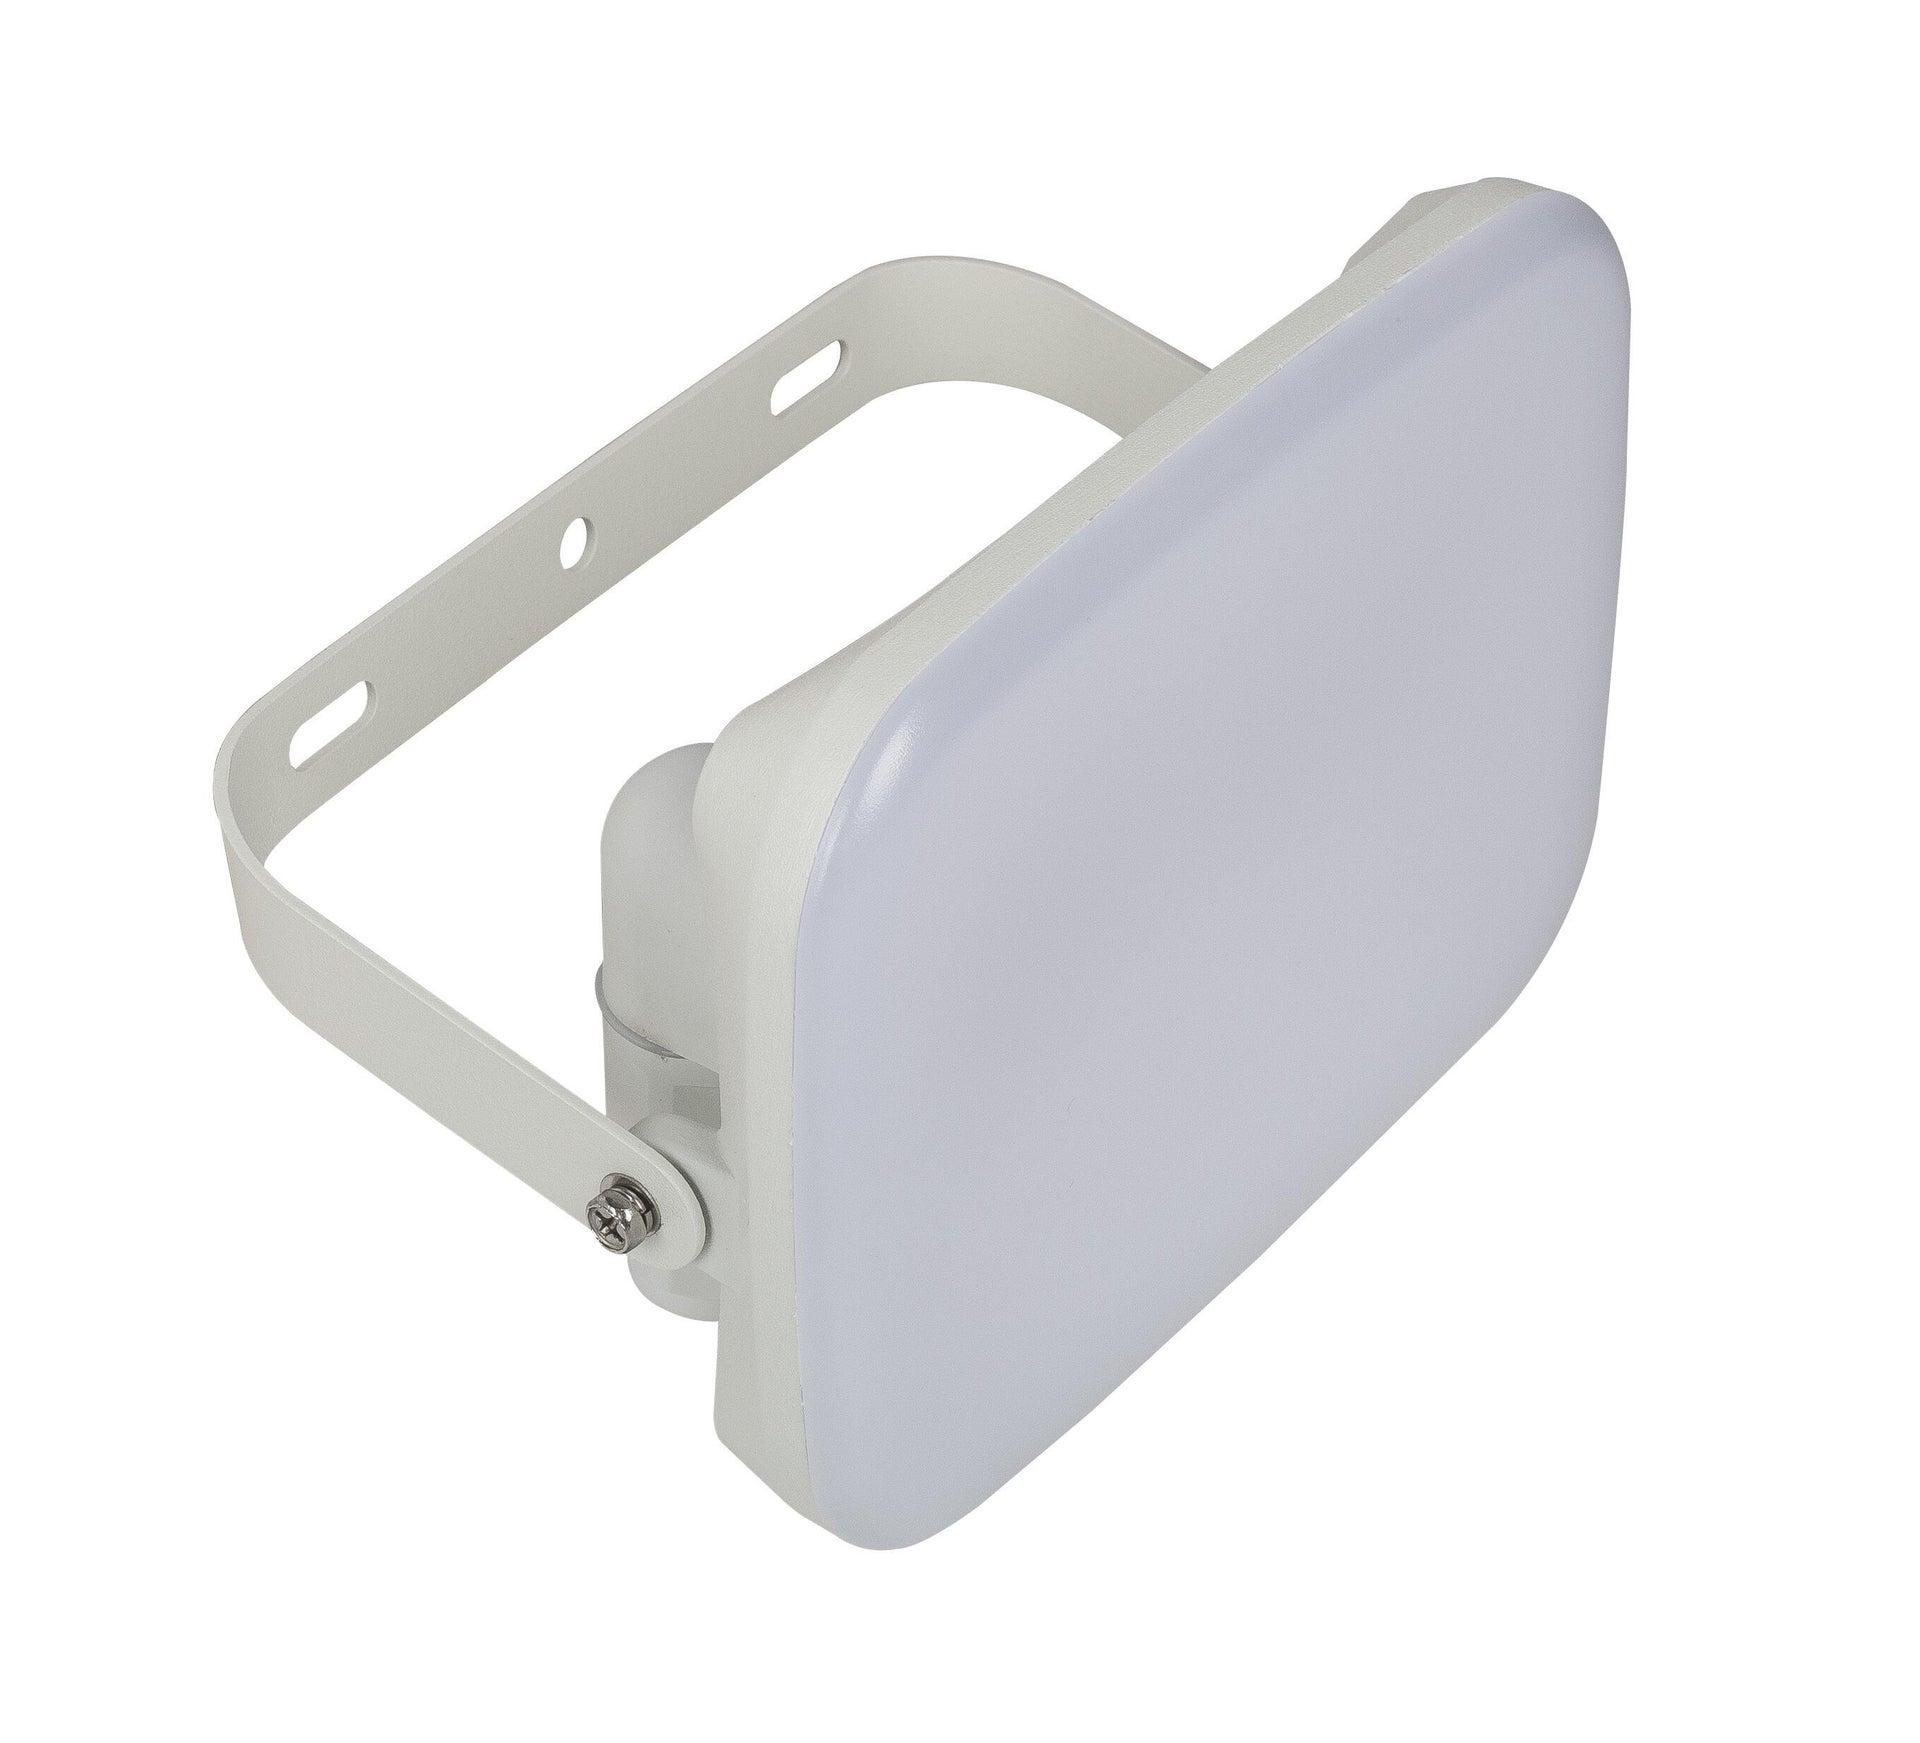 Proiettore LED integrato Kanti in alluminio, bianco, 30W 2000LM IP65 INSPIRE - 3